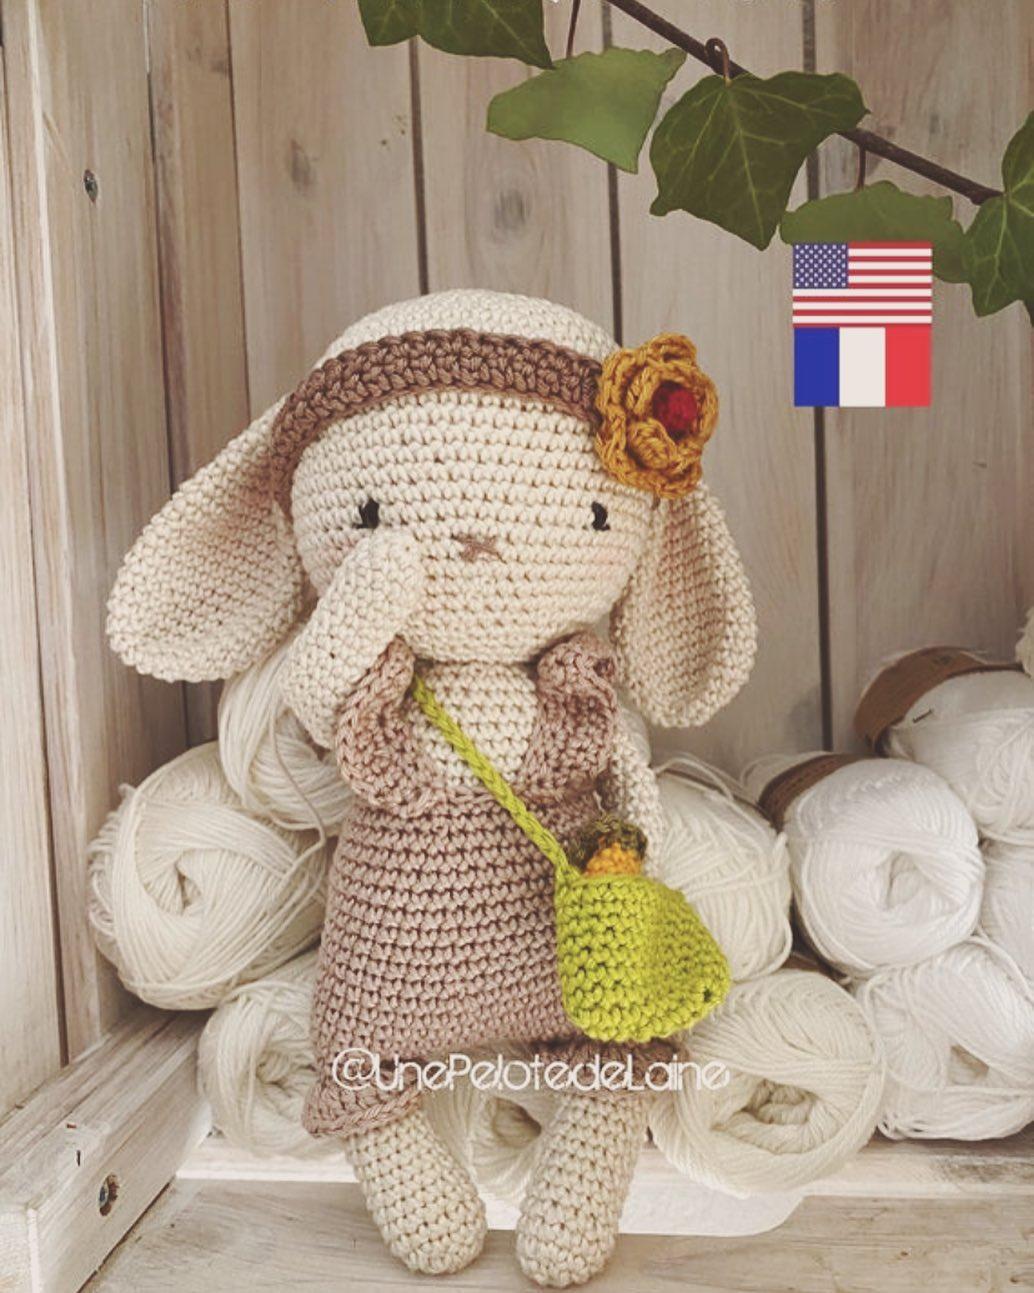 Tutoriel - Pattern En Ligne 😉💖 😉 🥰To Crochetlove - Crochet